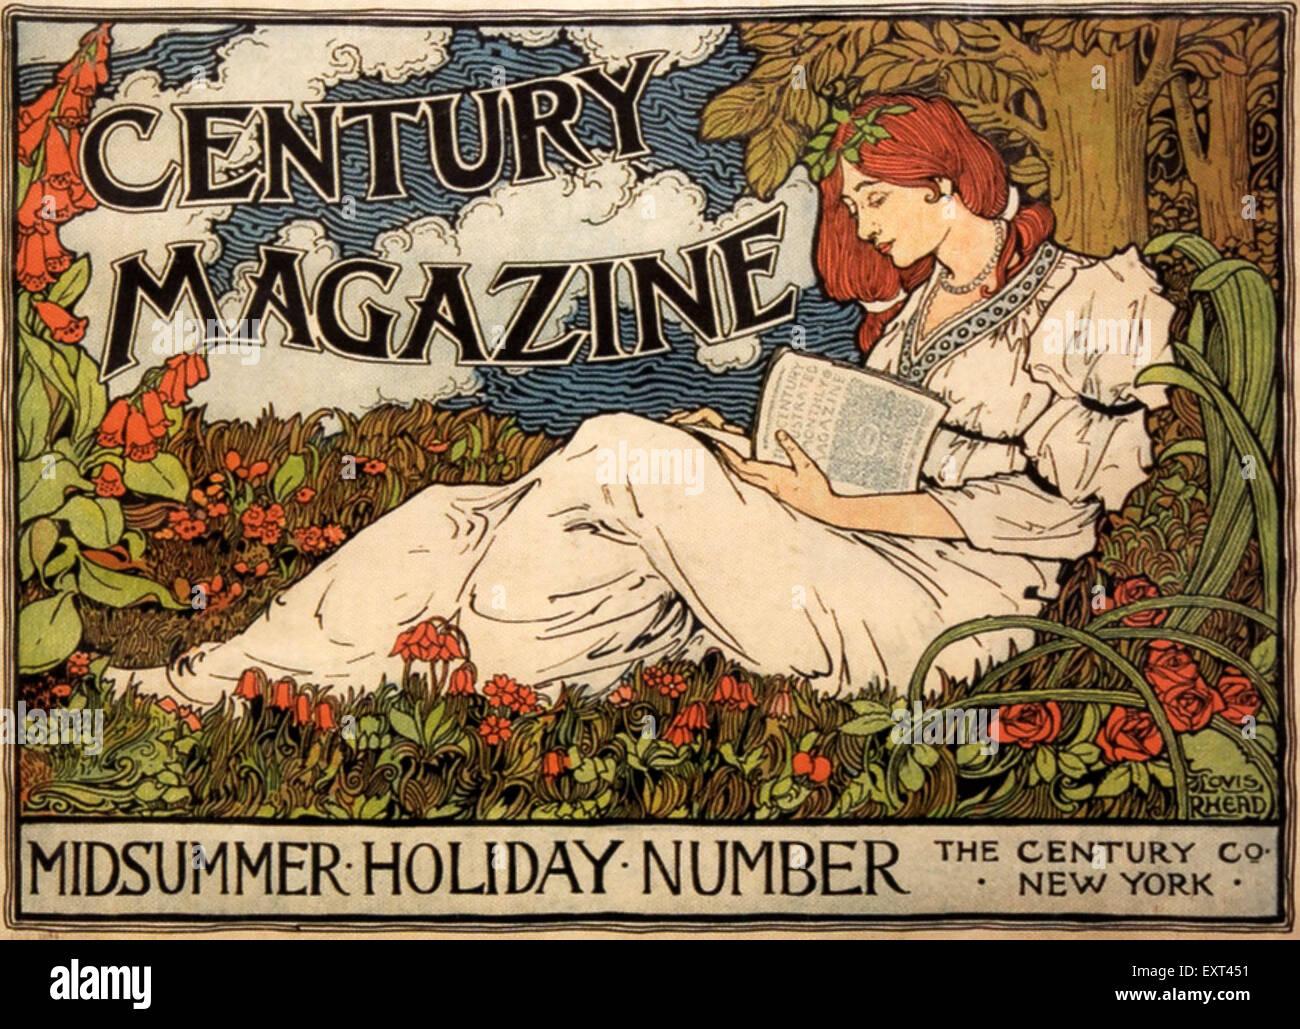 1890 USA Il Secolo Magazine annuncio pubblicitario Immagini Stock